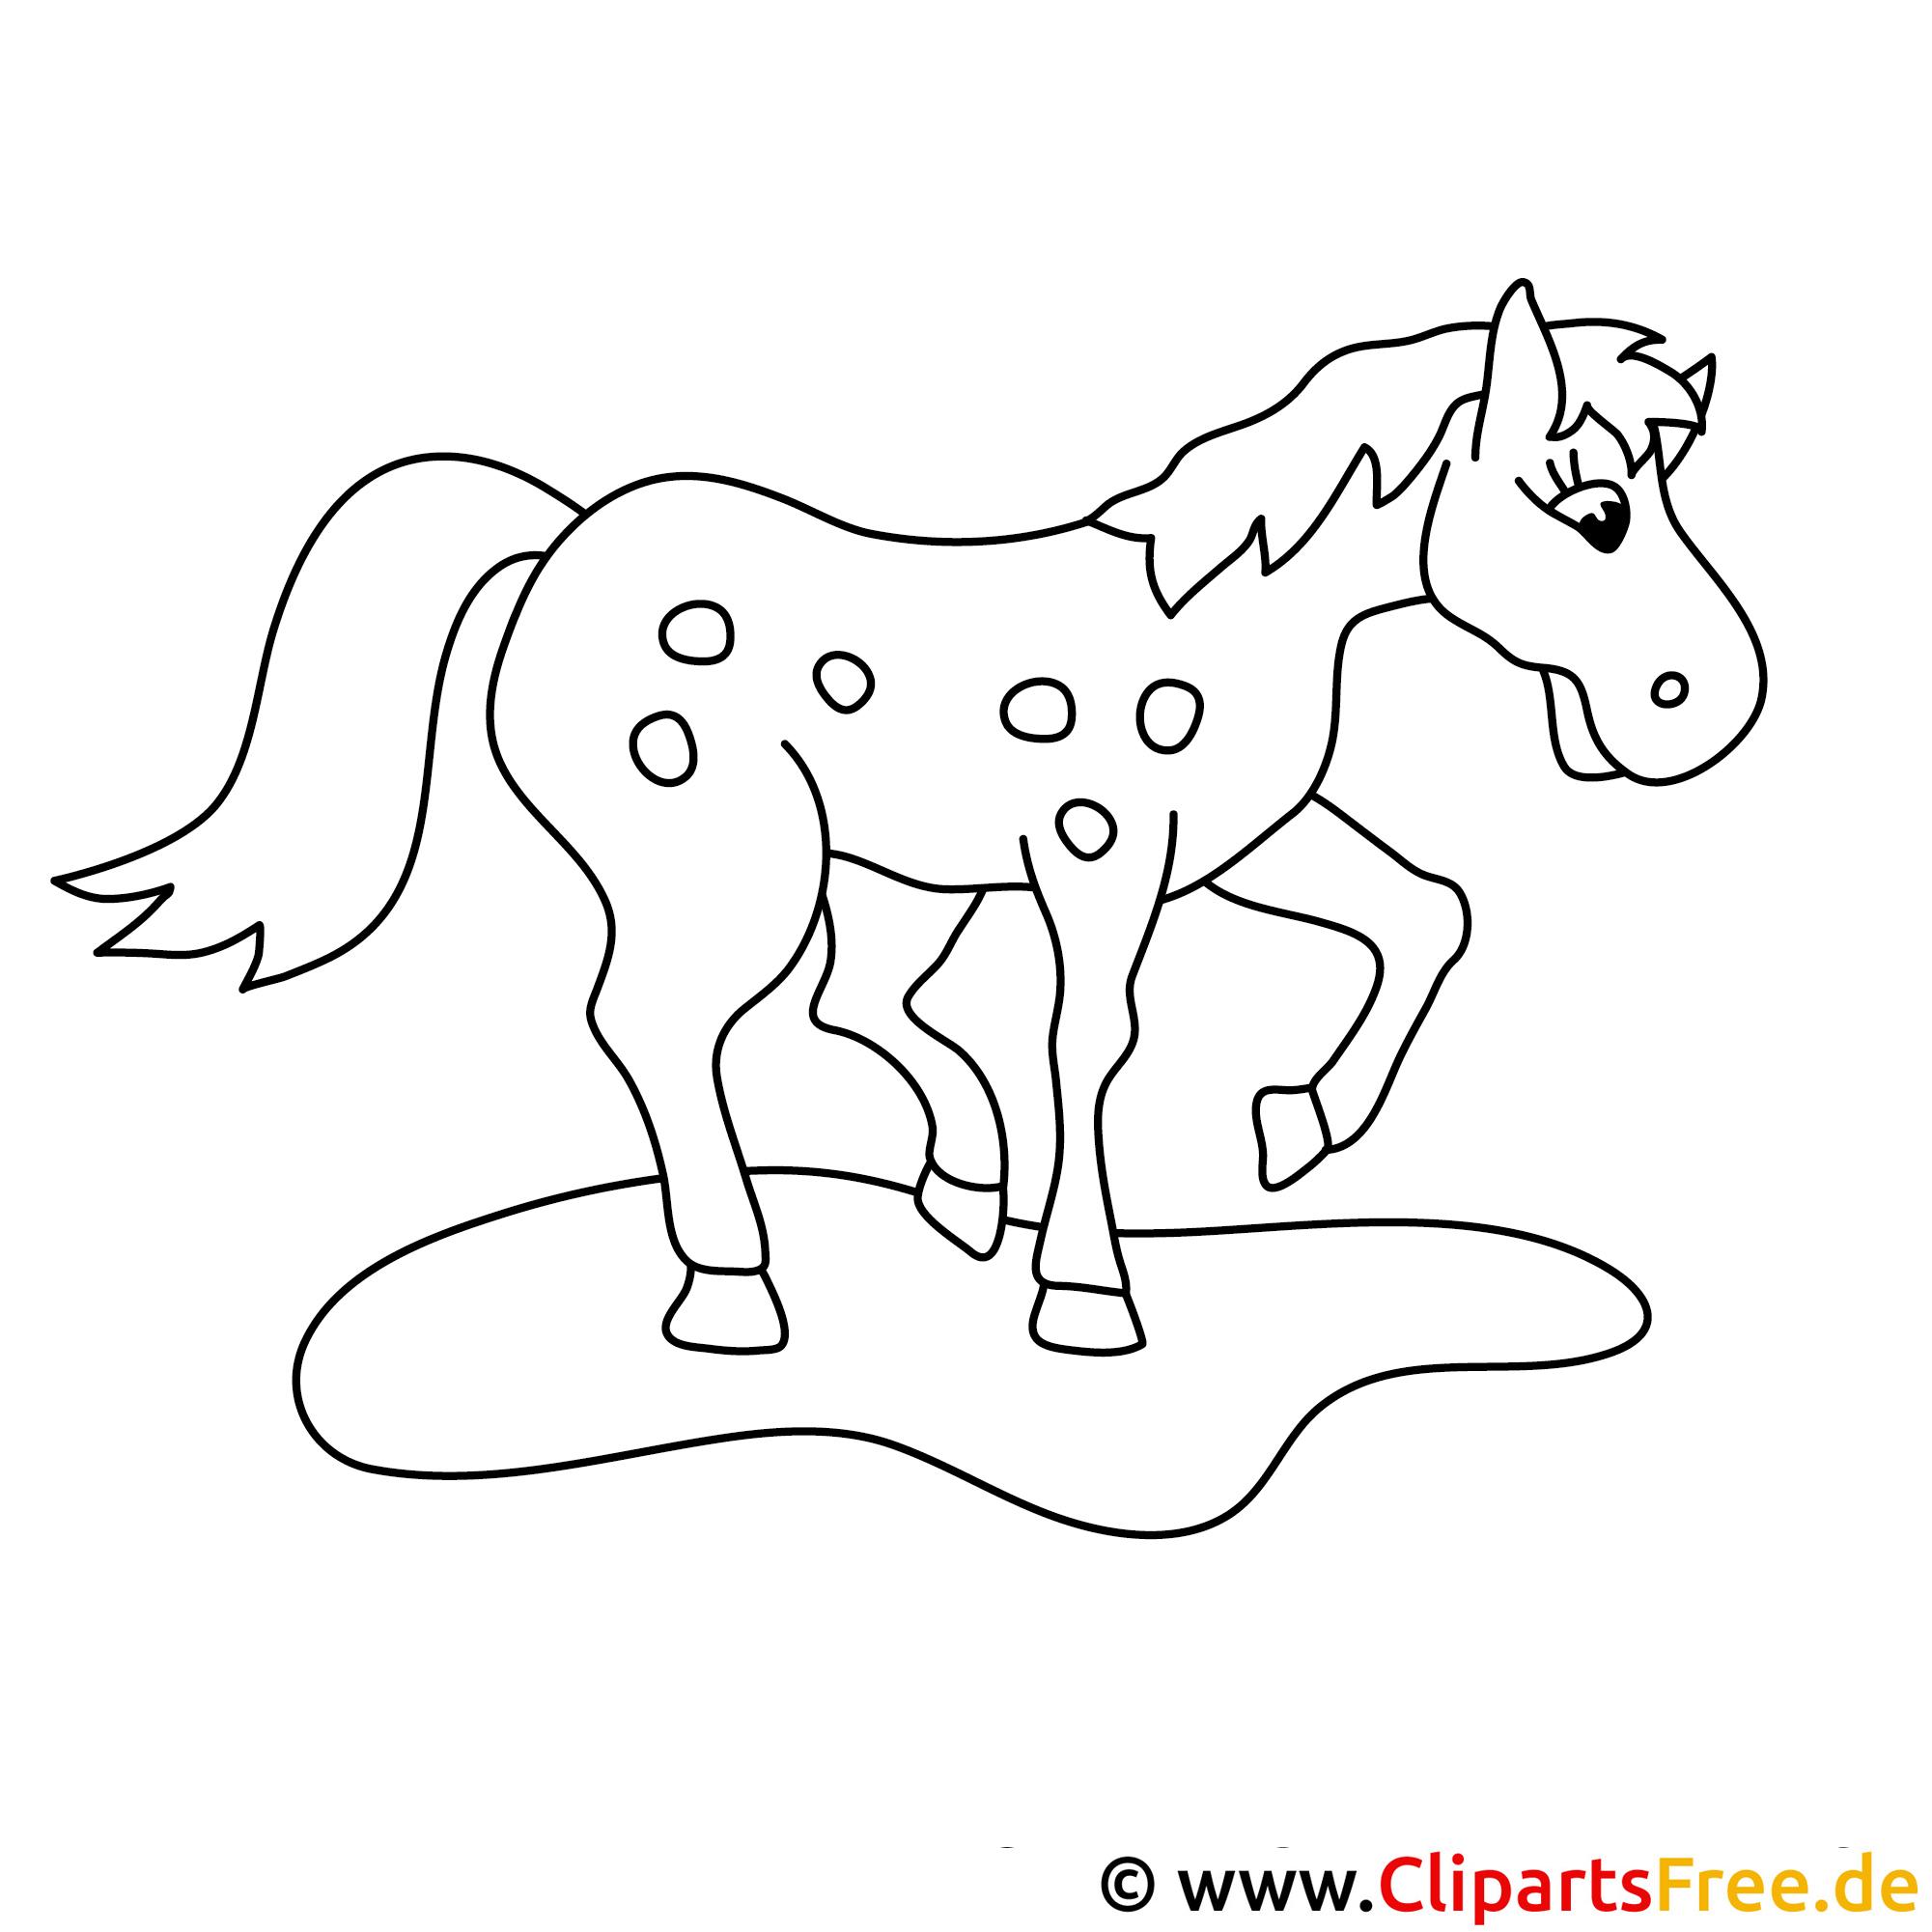 Pferd Bild zum Malen kostenlos